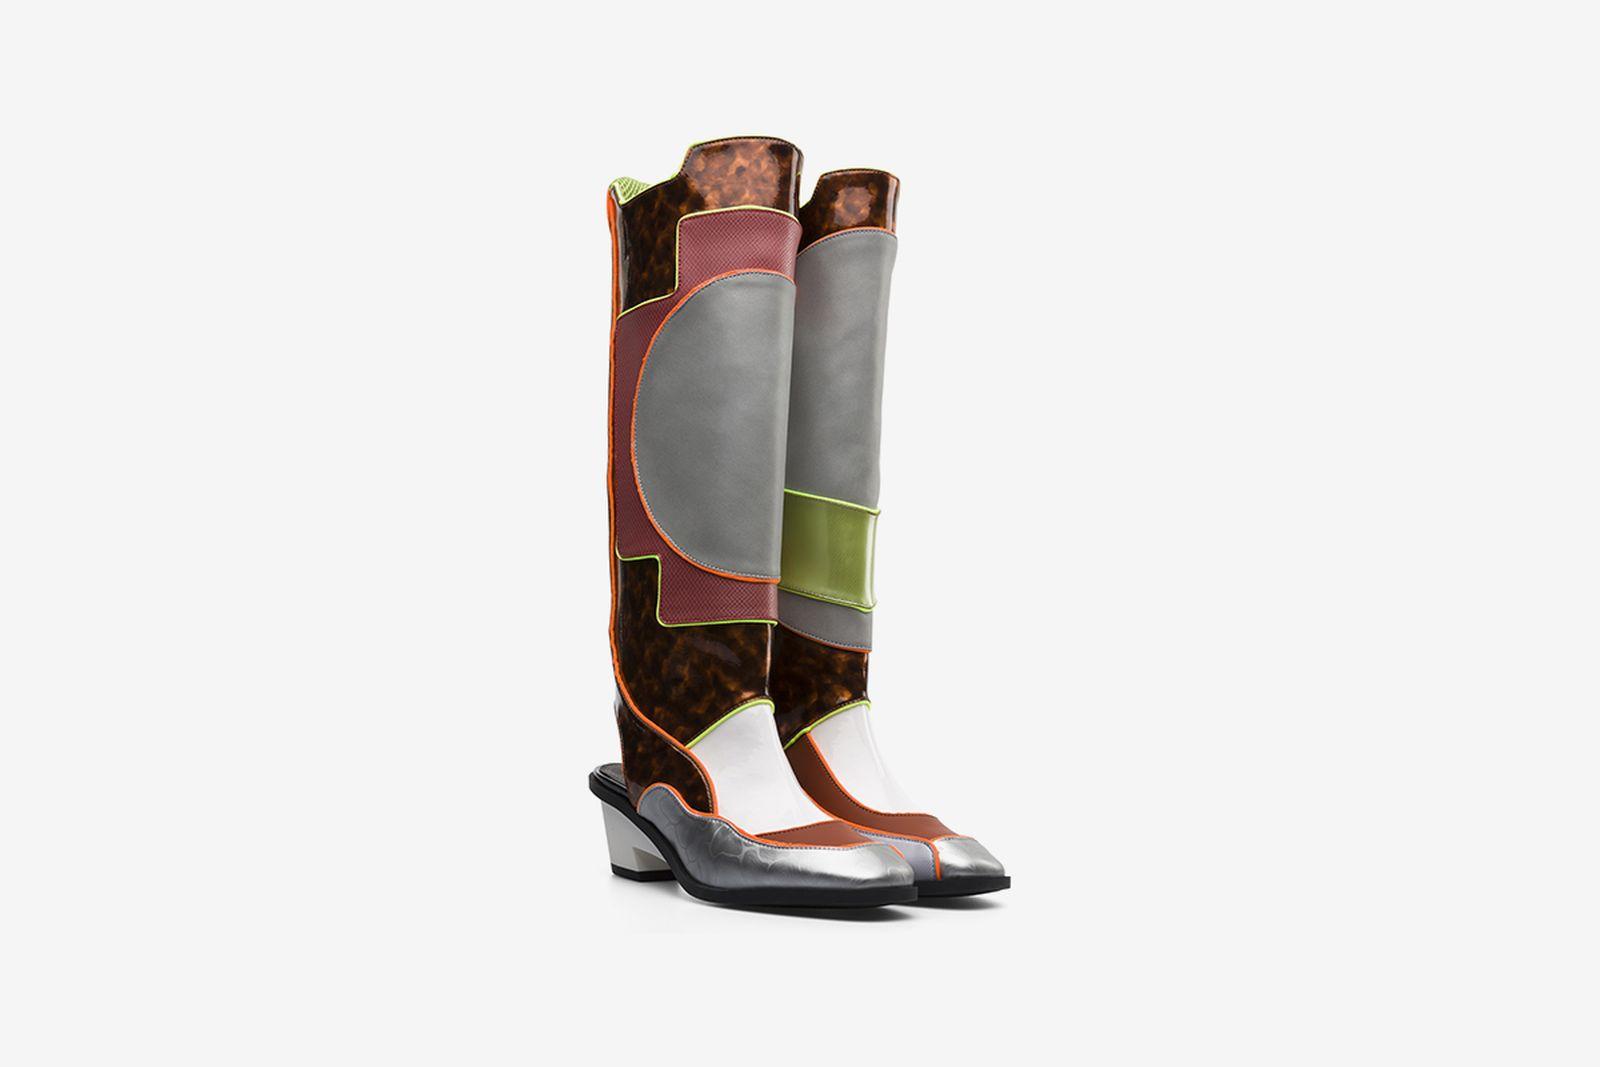 kiko kostadinov camper boot release date price